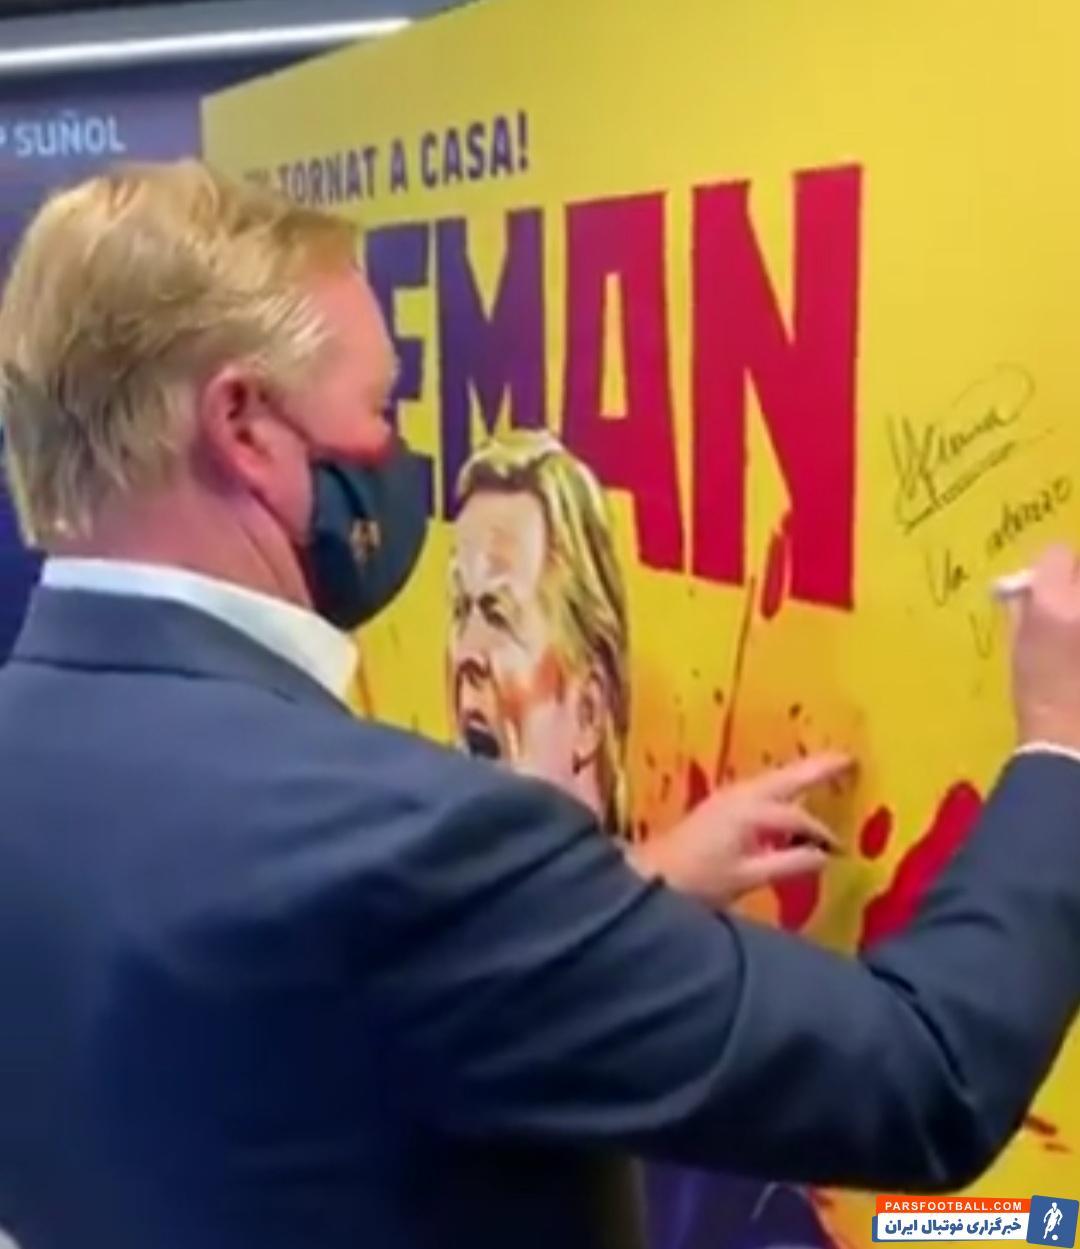 رونالد کومان، سرمربی جدید بارسلونا، به شکل رسمی قرارداد خود را با این تیم امضا کرد.